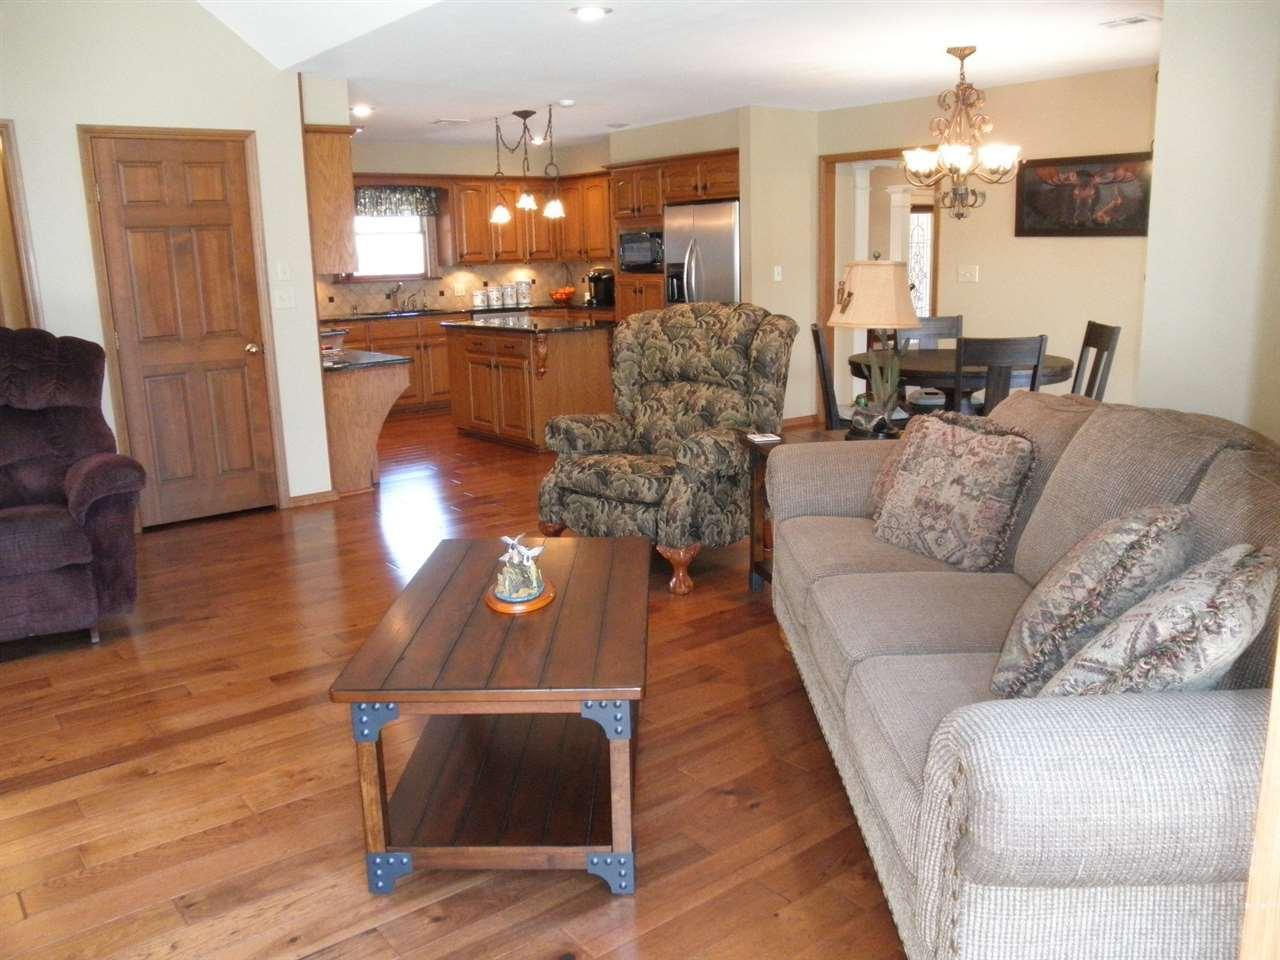 Sold Cross Sale W/ MLS | 15 Sherman Lane Ponca City, OK 74604 5